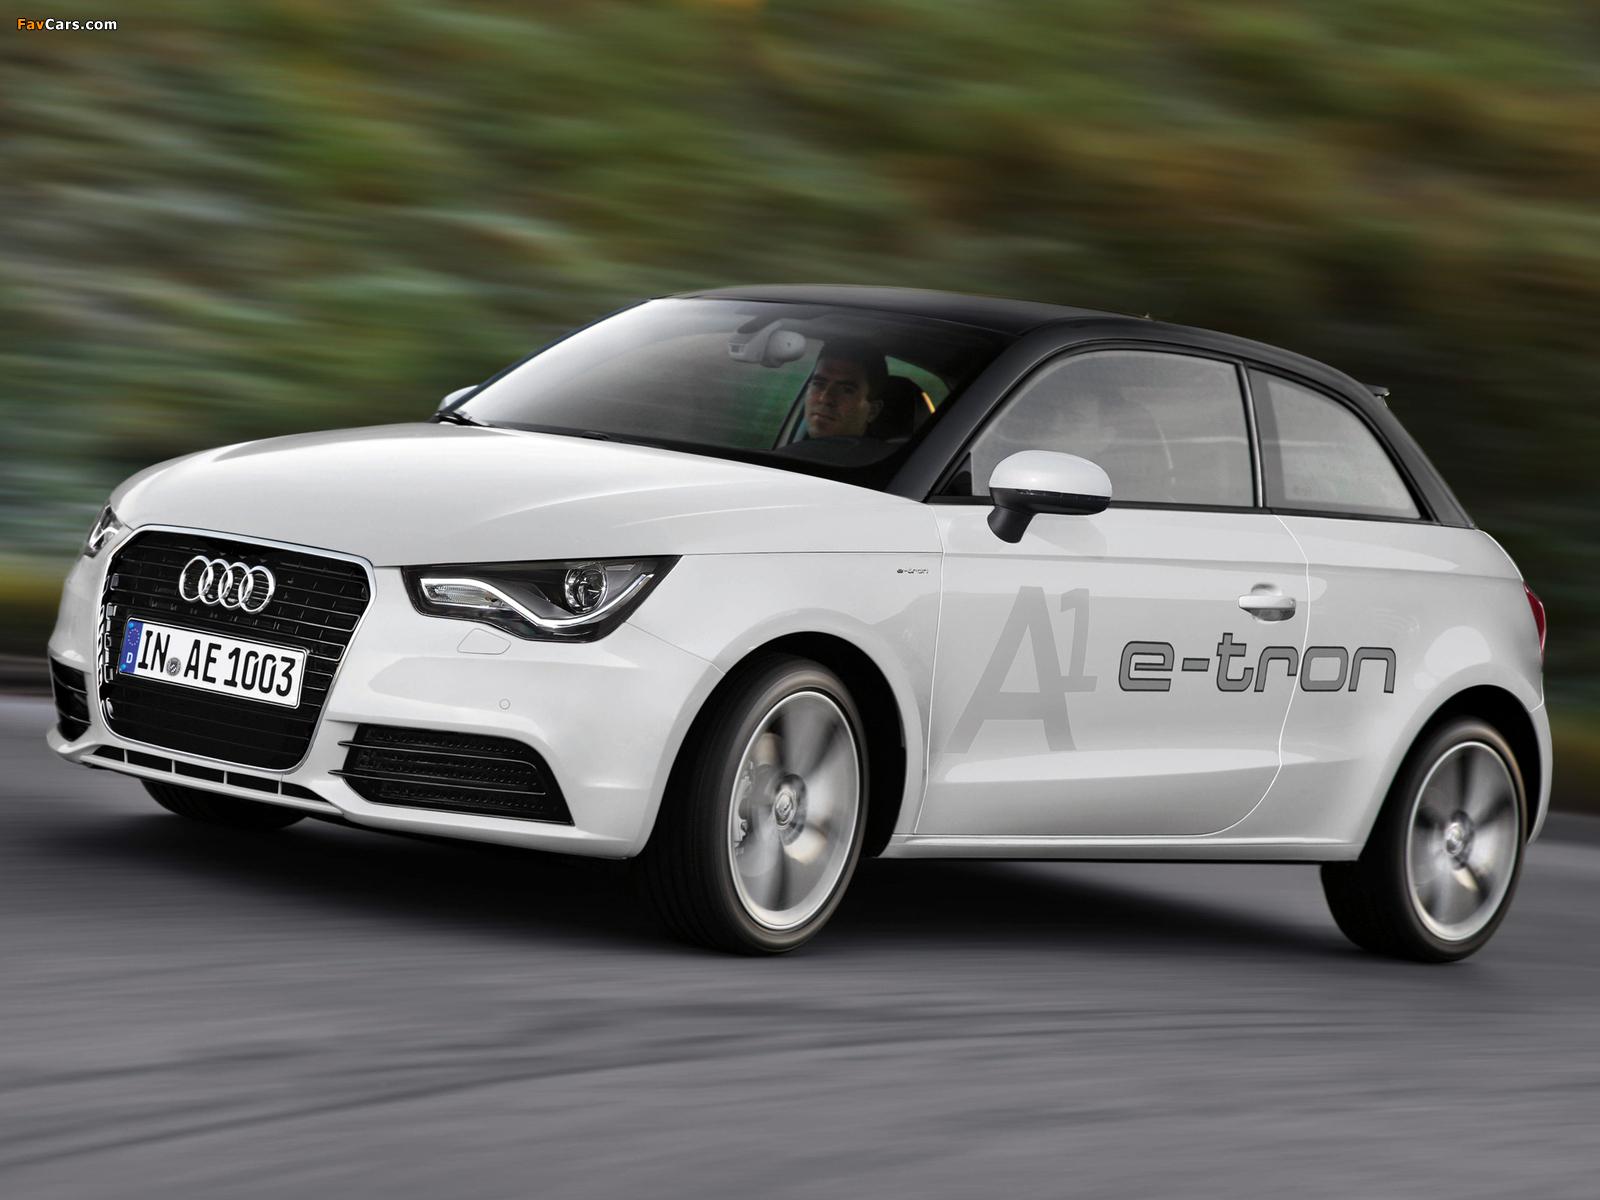 Photos Of Audi A1 E Tron Concept 8x 2010 1600x1200